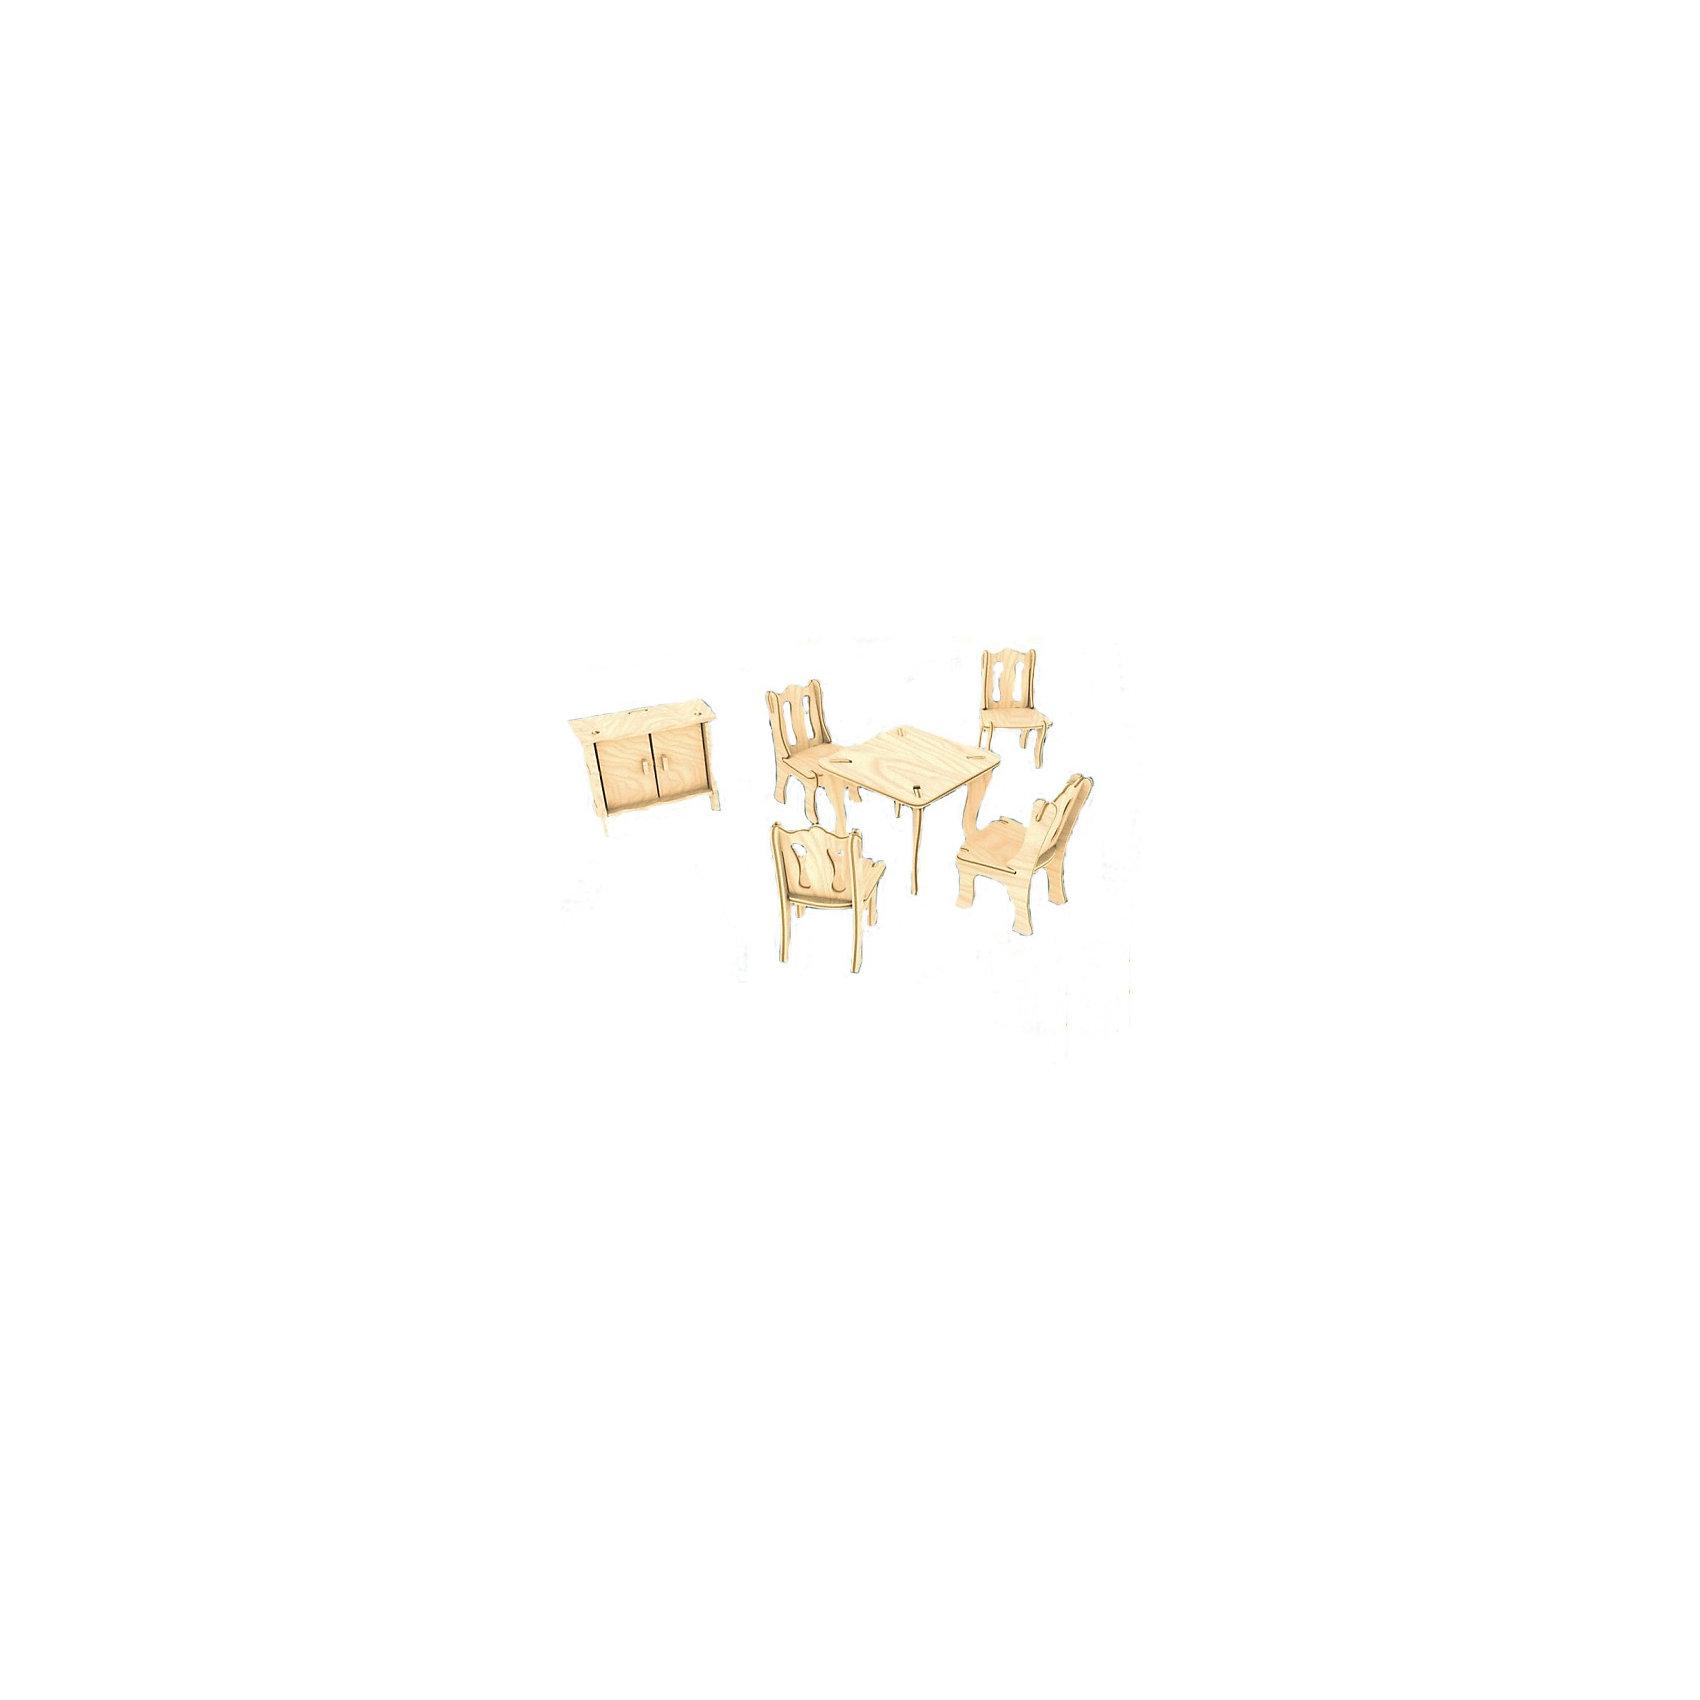 Гостиная, Мир деревянных игрушекДеревянные модели<br>Удачный способ порадовать творческого ребенка - этот набор, из которого можно самому сделать красивую деревянную фигуру! Для этого нужно выдавить из пластины с деталями элементы для сборки и соединить их. Из наборов получаются красивые очень реалистичные игрушки, которые могут стать украшением комнаты или участвовать в играх с куклами.<br>Собирая их, ребенок будет развивать пространственное мышление, память и мелкую моторику. А раскрашивая готовое произведение, дети научатся подбирать цвета и будут развивать художественные навыки. Этот набор произведен из качественных и безопасных для детей материалов - дерево тщательно обработано.<br><br>Дополнительная информация:<br><br>материал: дерево;<br>цвет: бежевый;<br>элементы: пластины с деталями для сборки, схема сборки;<br>высота предметов: 8 см;<br>размер упаковки: 23 х 18 см.<br><br>3D-пазл Гостиная от бренда Мир деревянных игрушек можно купить в нашем магазине.<br><br>Ширина мм: 225<br>Глубина мм: 30<br>Высота мм: 180<br>Вес г: 450<br>Возраст от месяцев: 36<br>Возраст до месяцев: 144<br>Пол: Унисекс<br>Возраст: Детский<br>SKU: 4969096